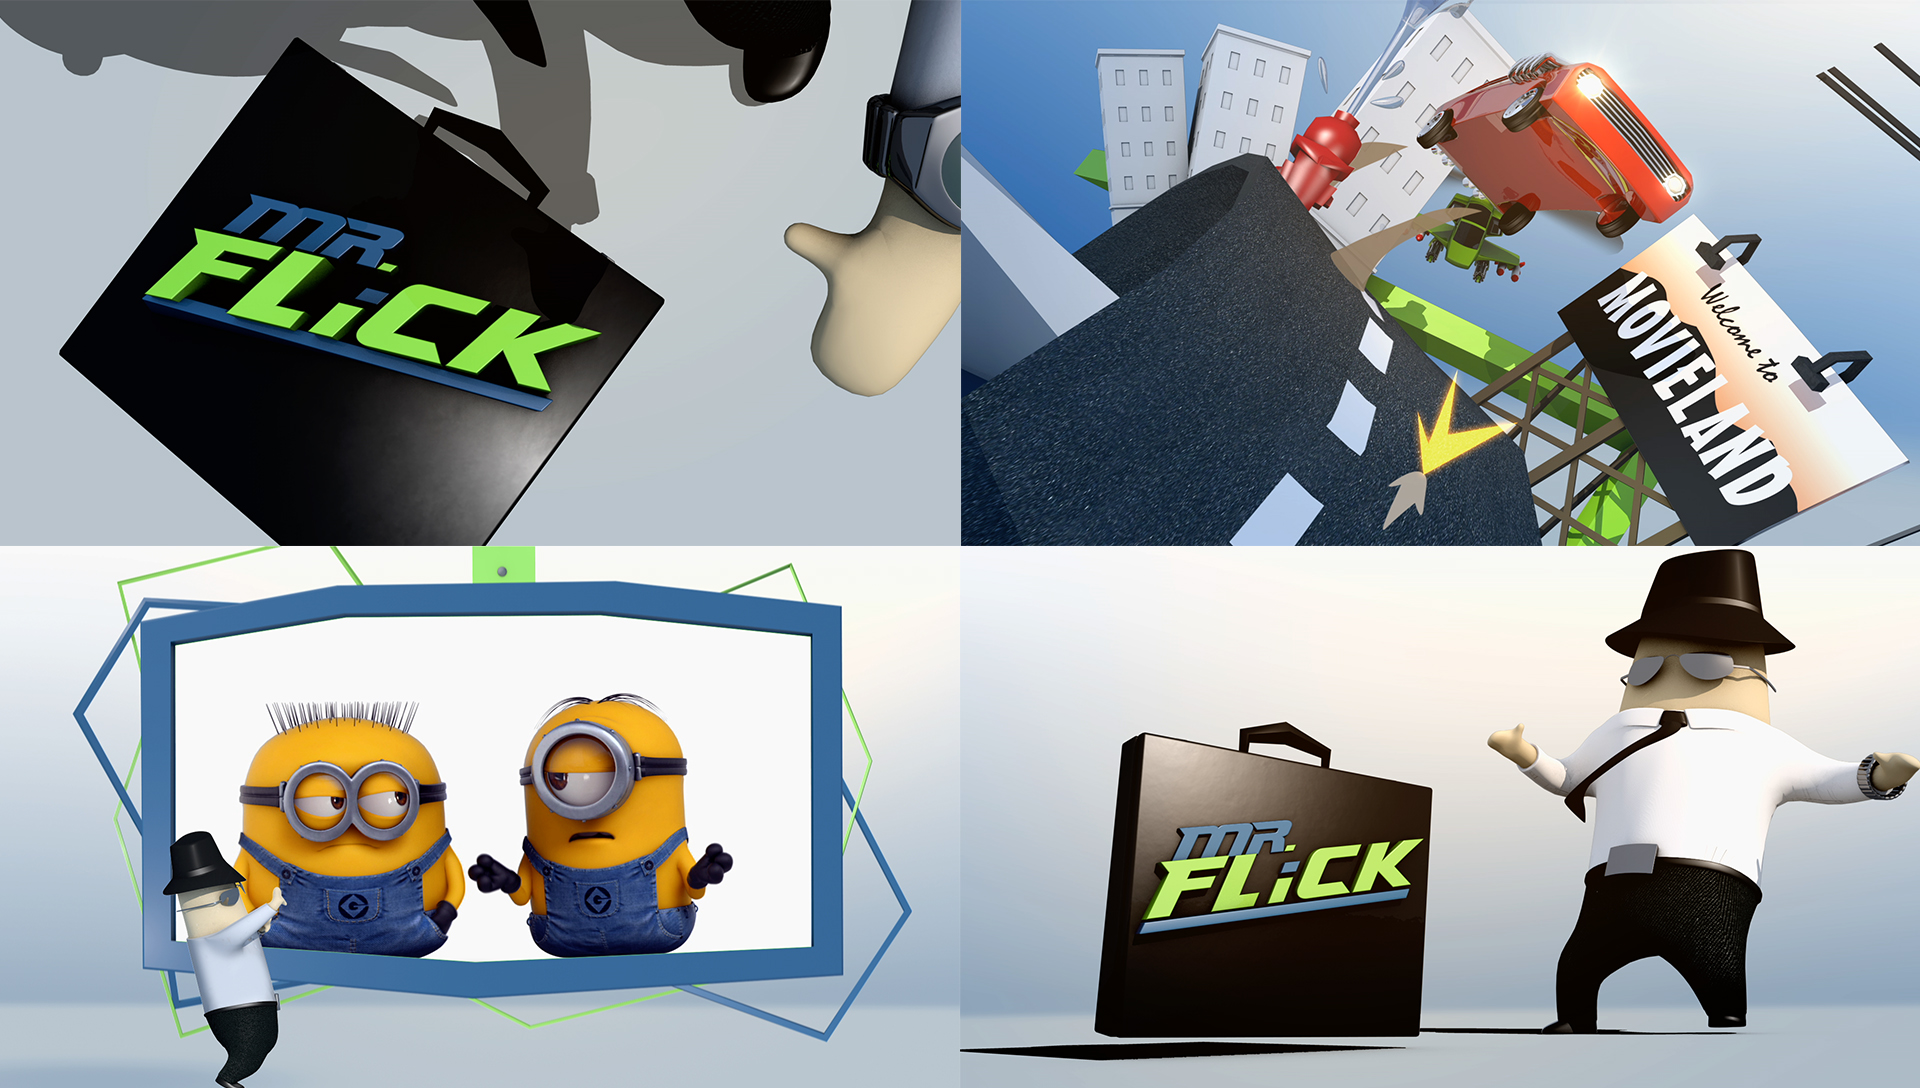 mrflick-board2.jpg